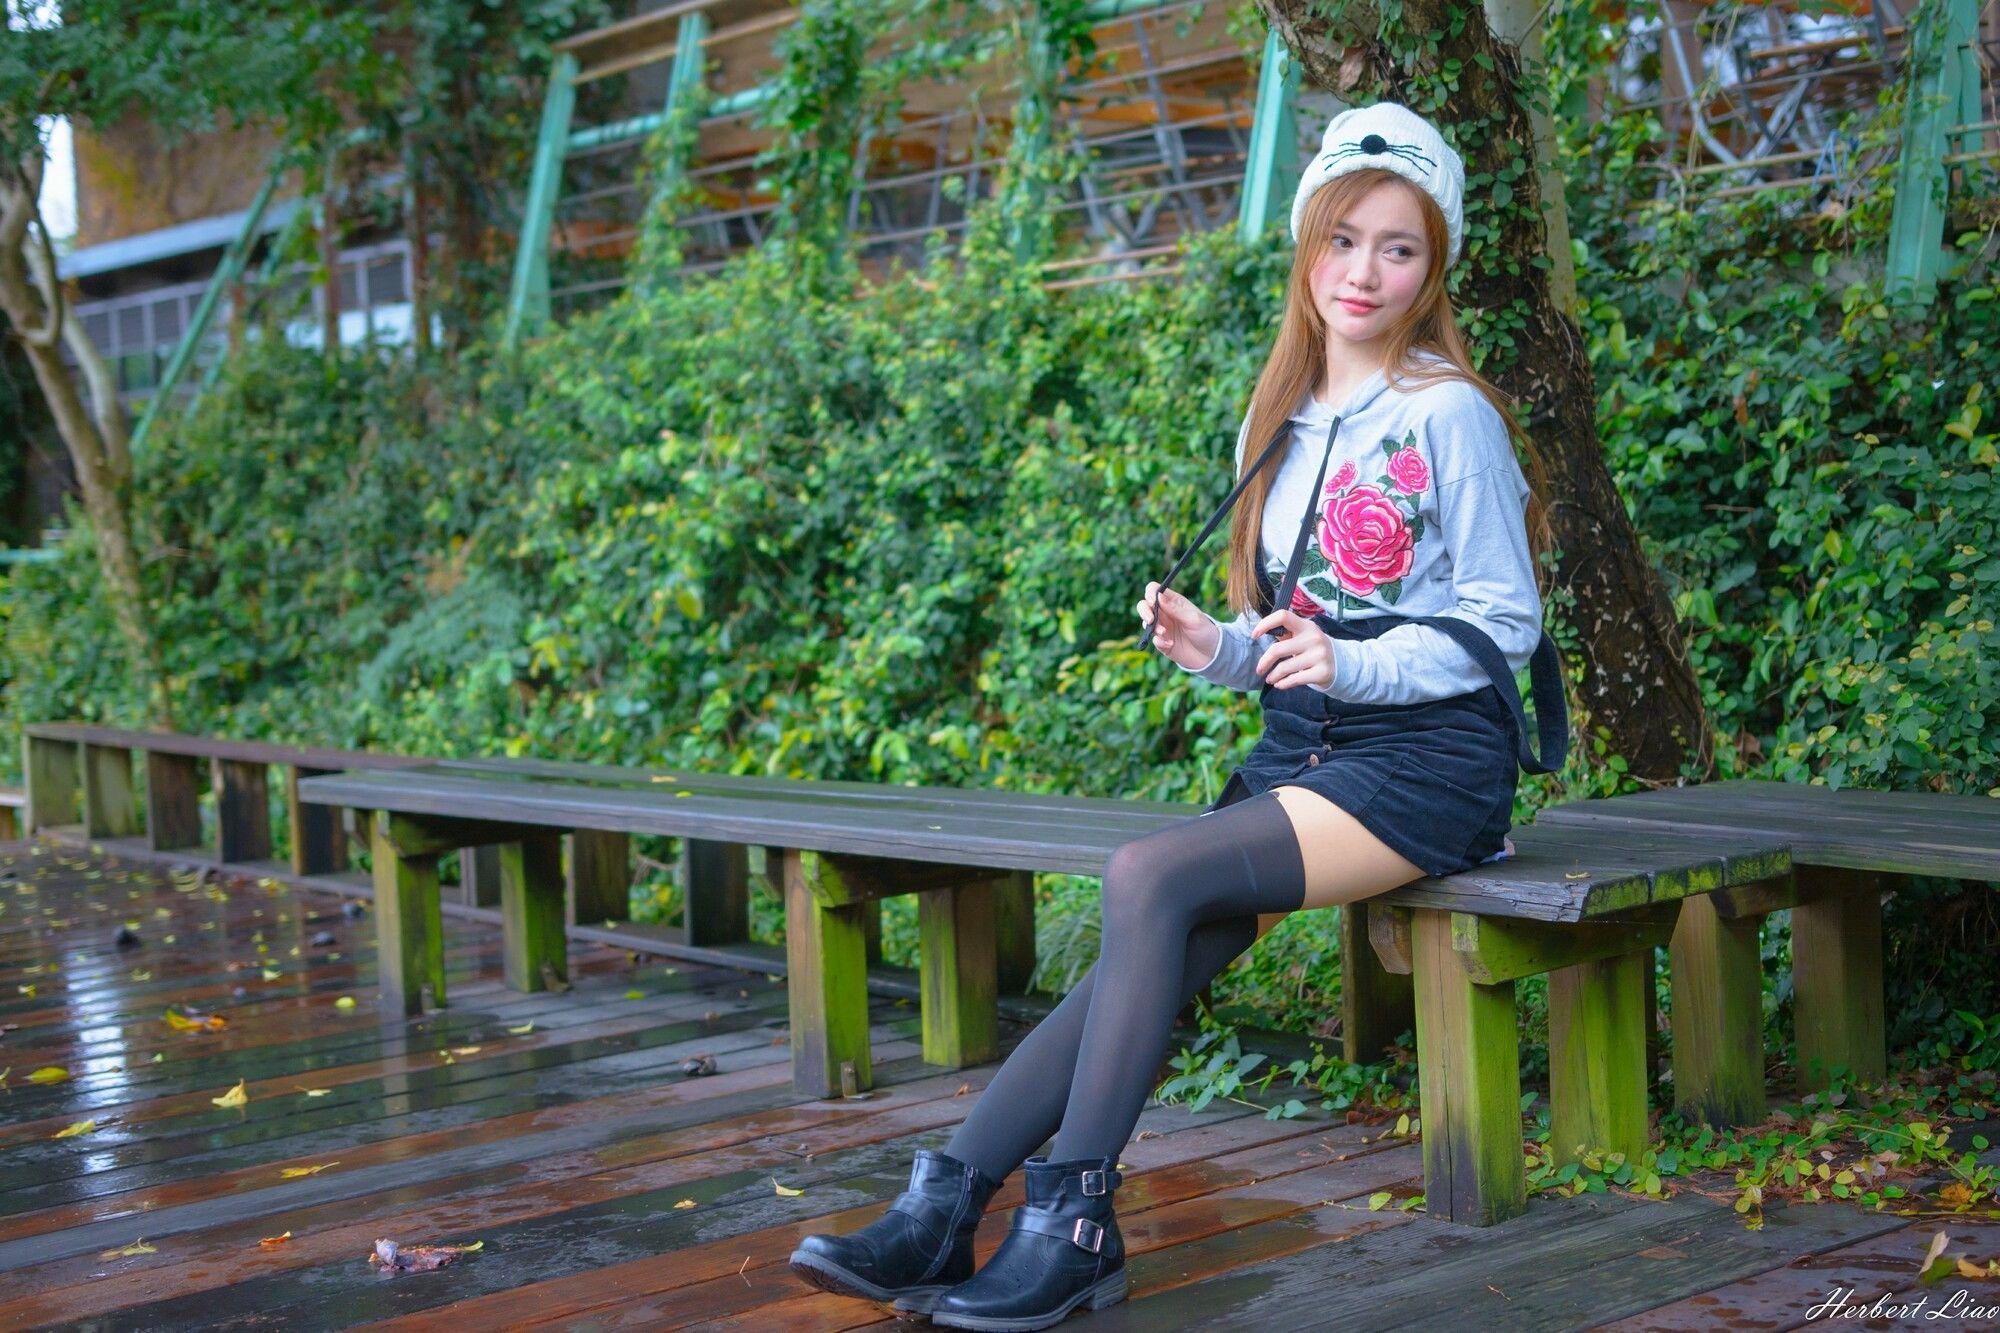 VOL.1749 [台湾正妹]长筒袜可爱清纯萌女:苏小立超高清个人性感漂亮大图(89P)